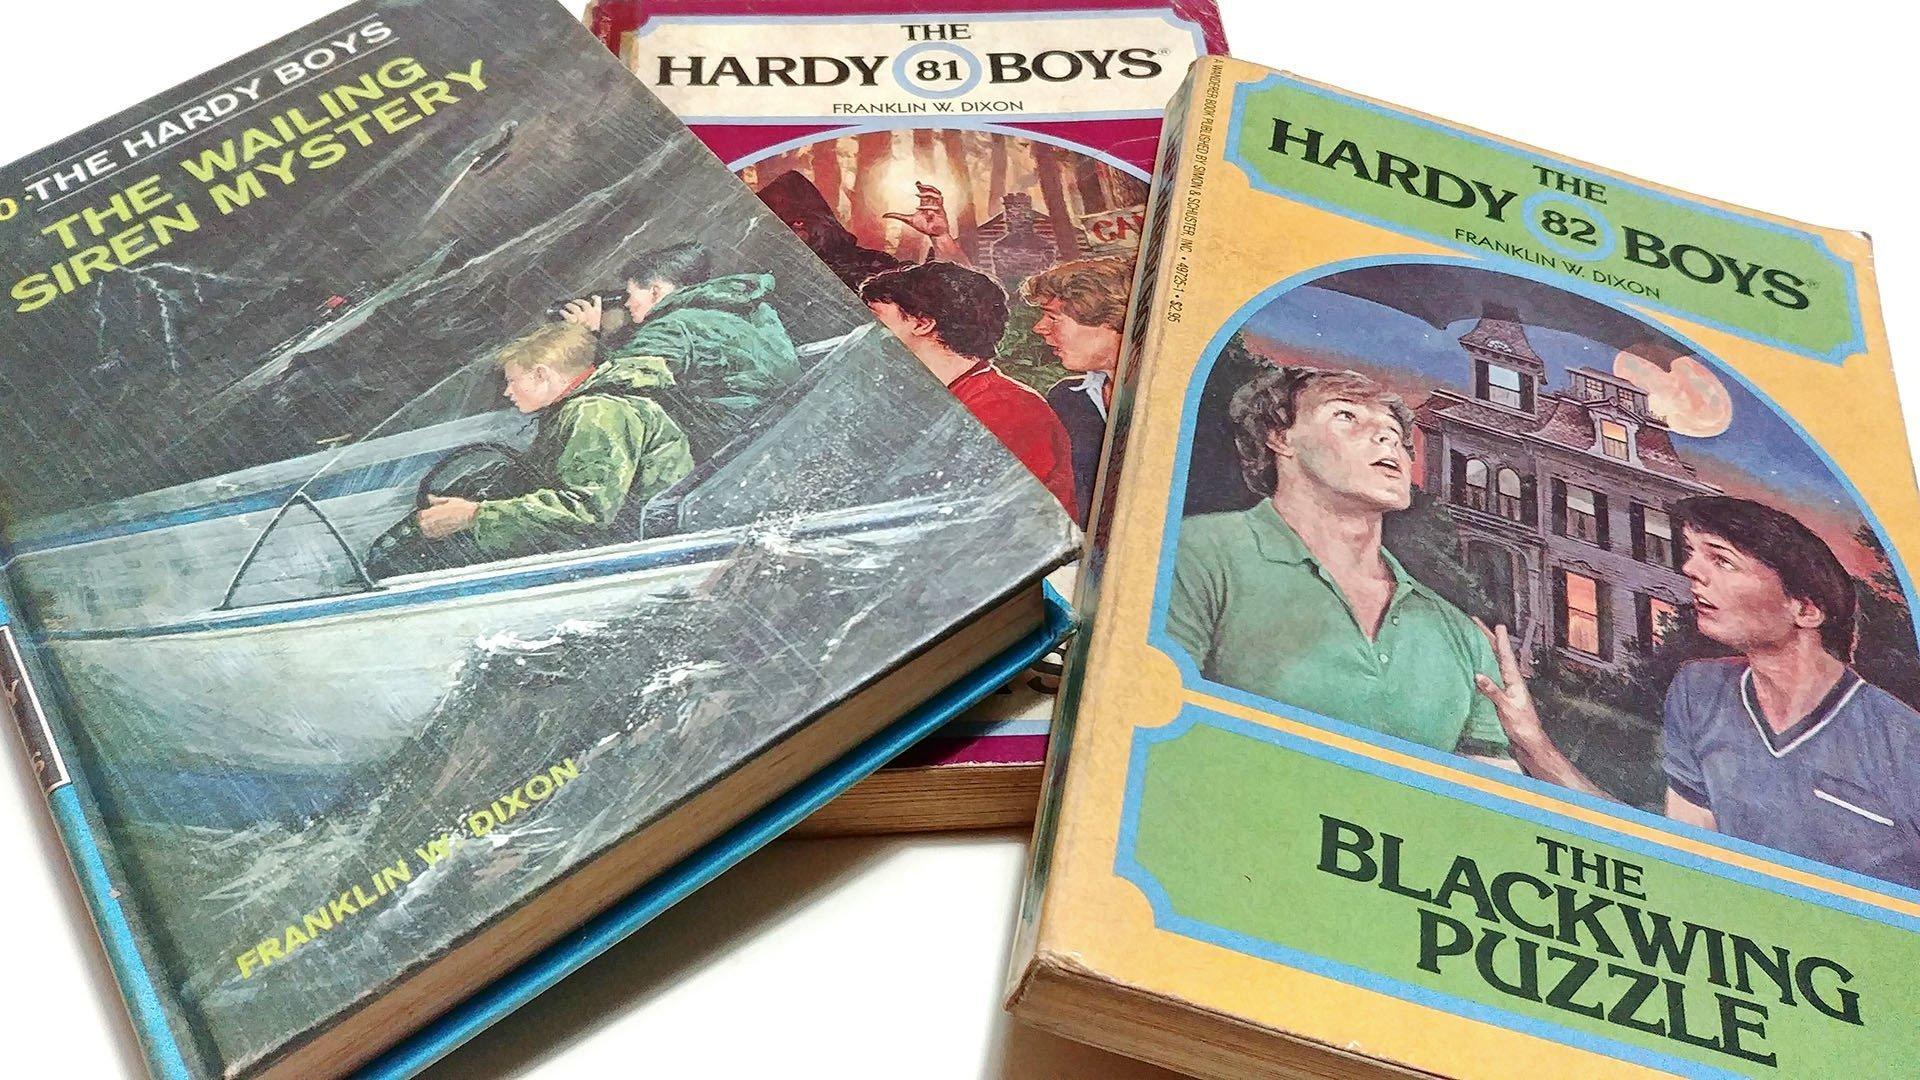 I Was a Hardy Boys Fan